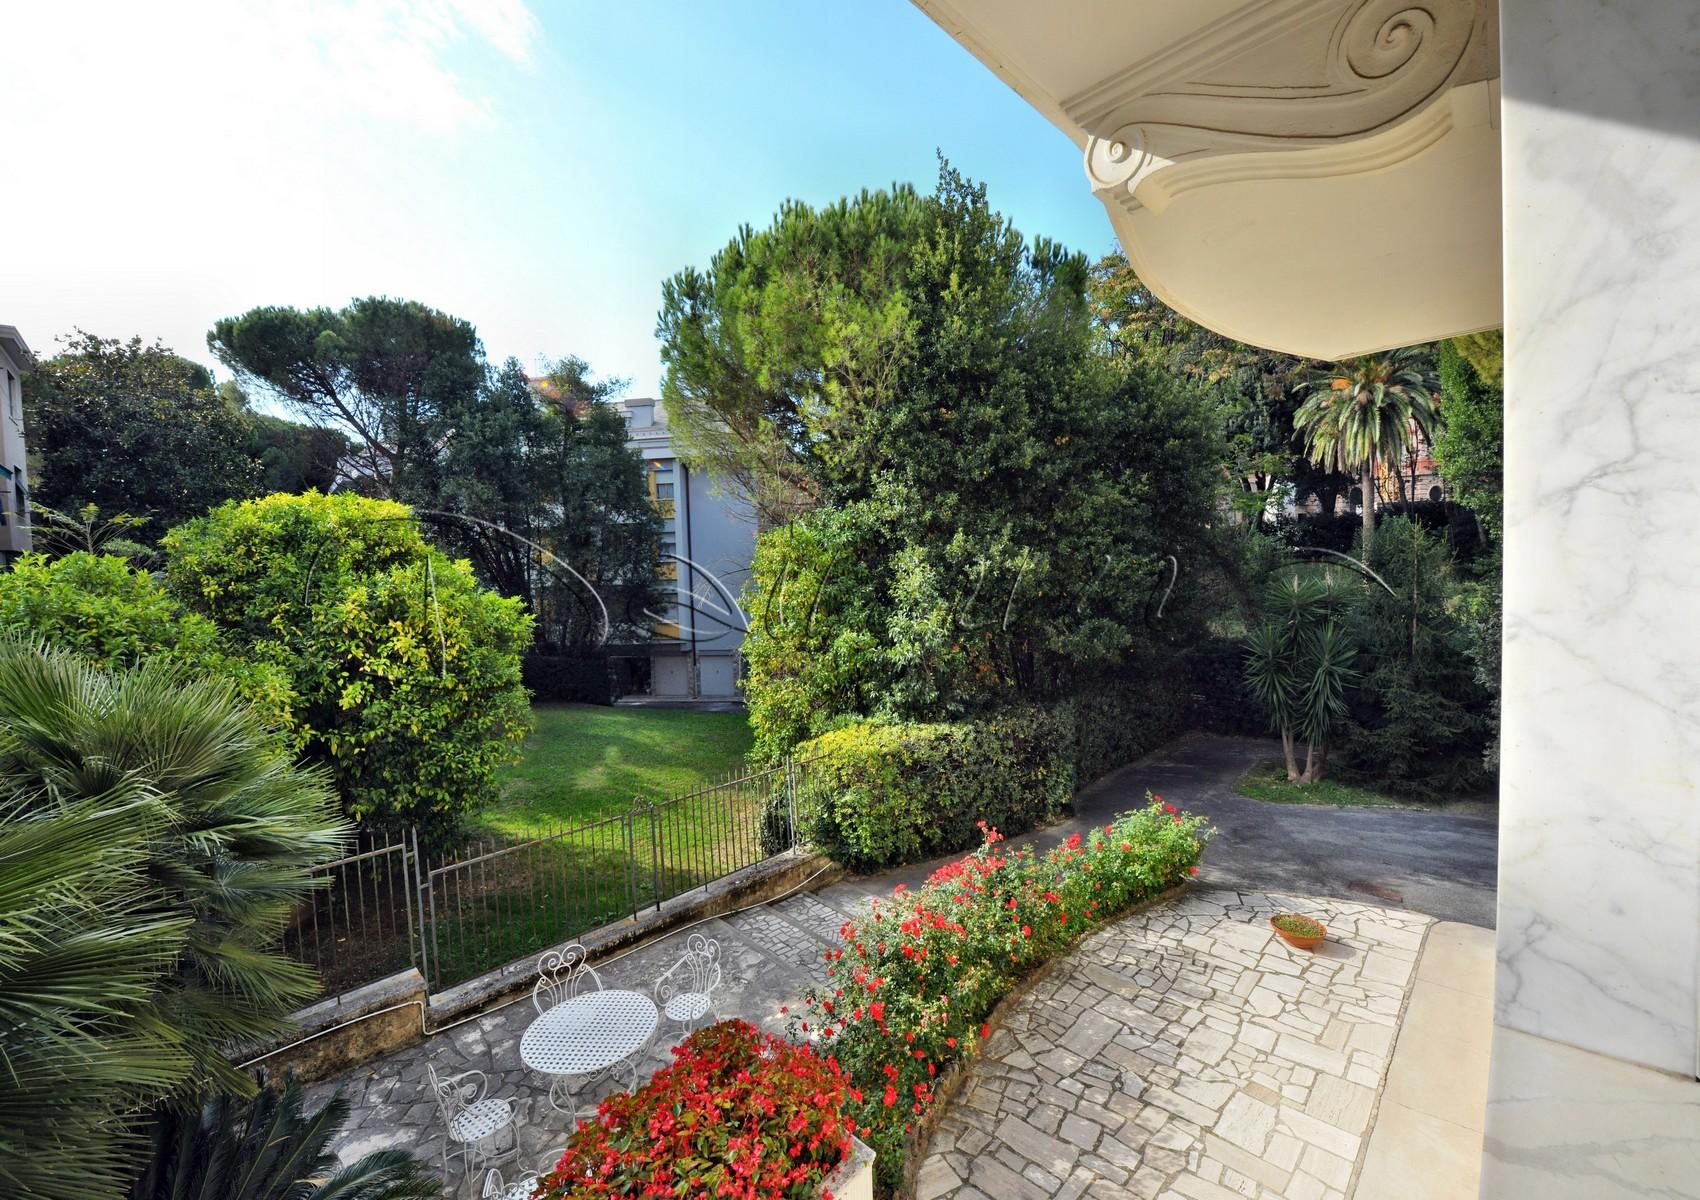 8764 vendita appartamento di pregio genova albaro via siena giardino condominiale daimm - Appartamento con giardino genova ...